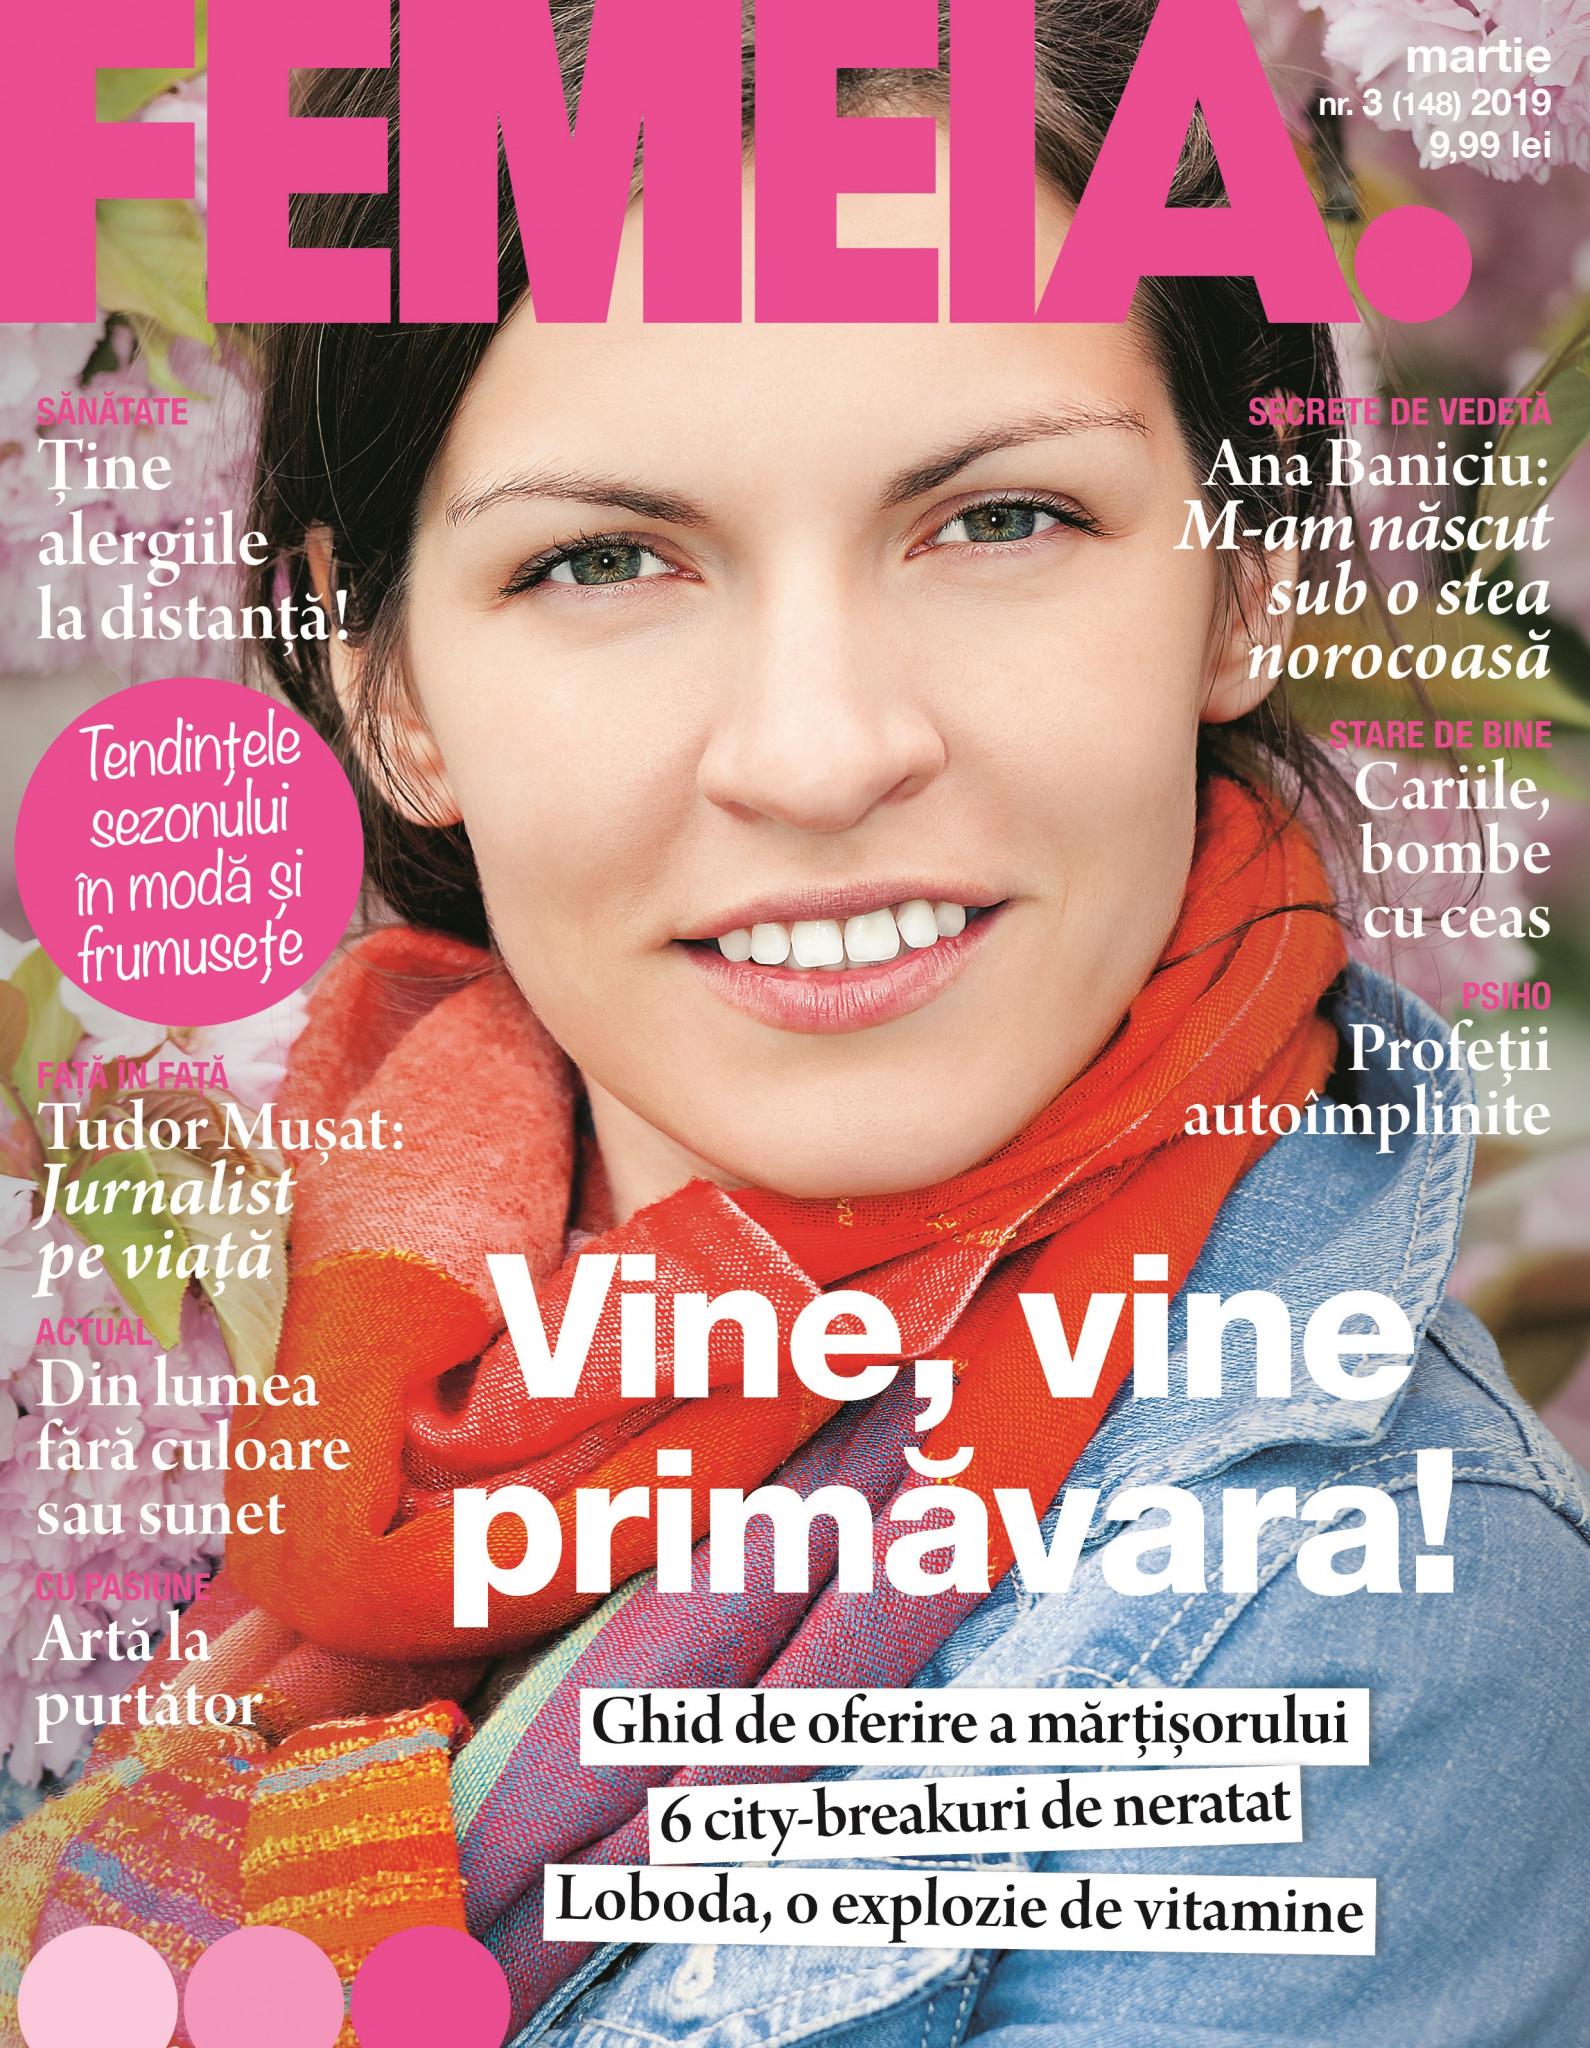 Reviste martie 2020